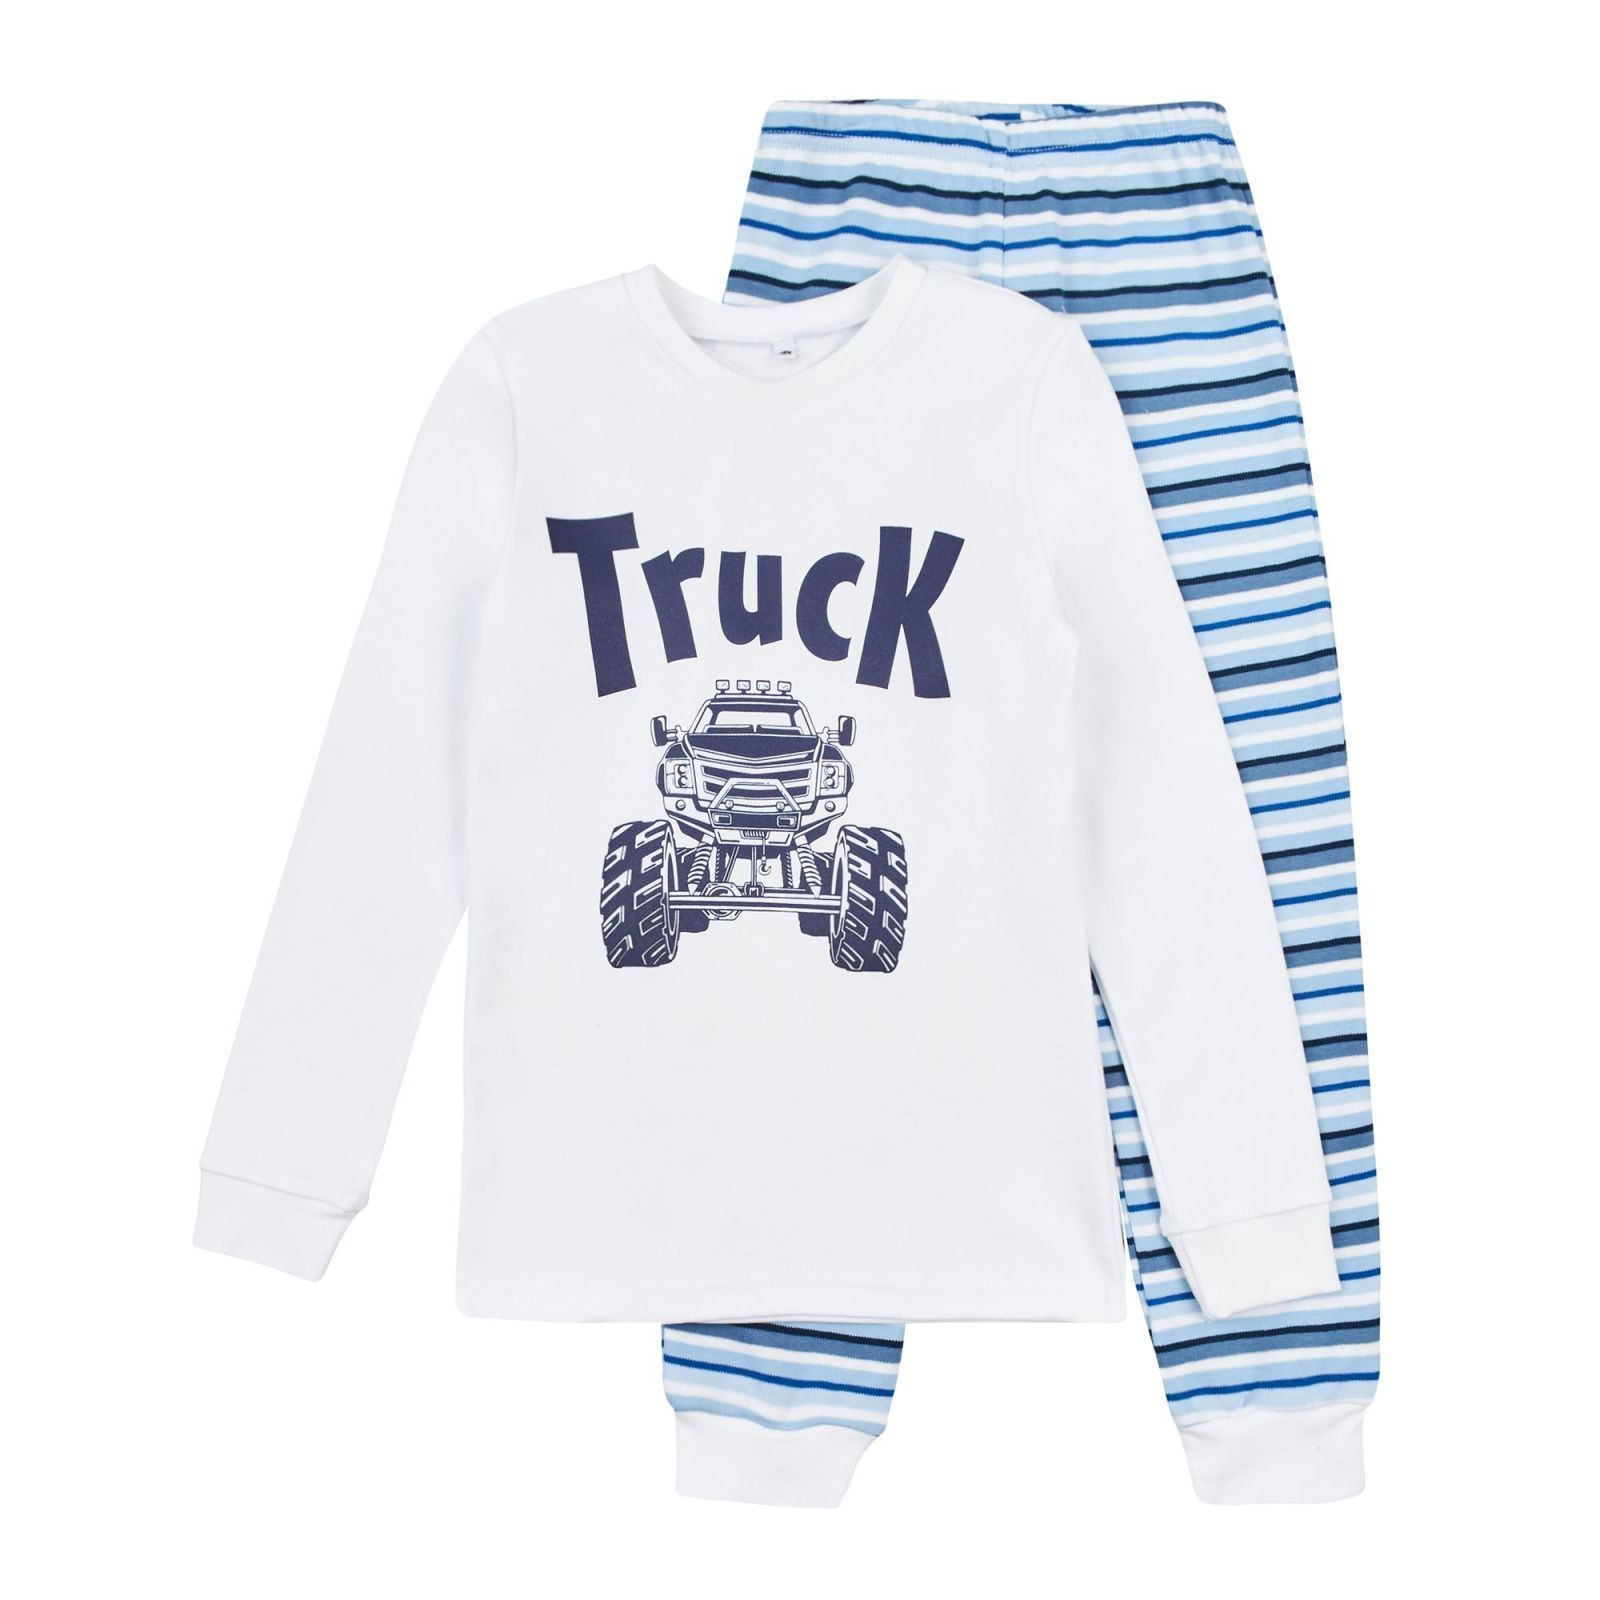 Пижама детские Garnamama модель 2EI~50841-15 отзывы, 2017